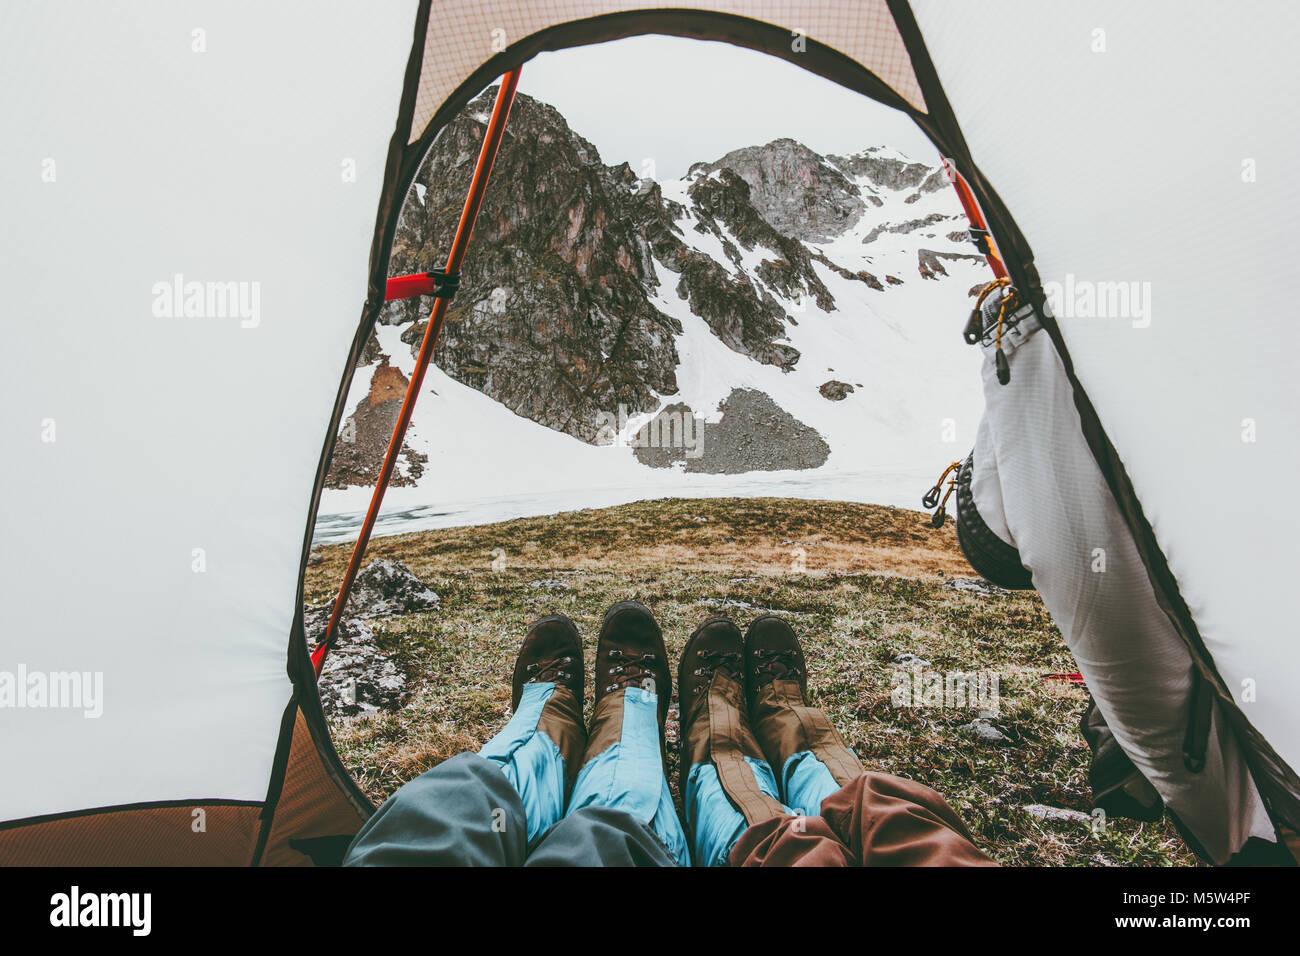 Travel paio di piedi vista montagne dalle tende da campeggio ingresso concetto Lifestyle Vacanze avventura all'aperto Immagini Stock